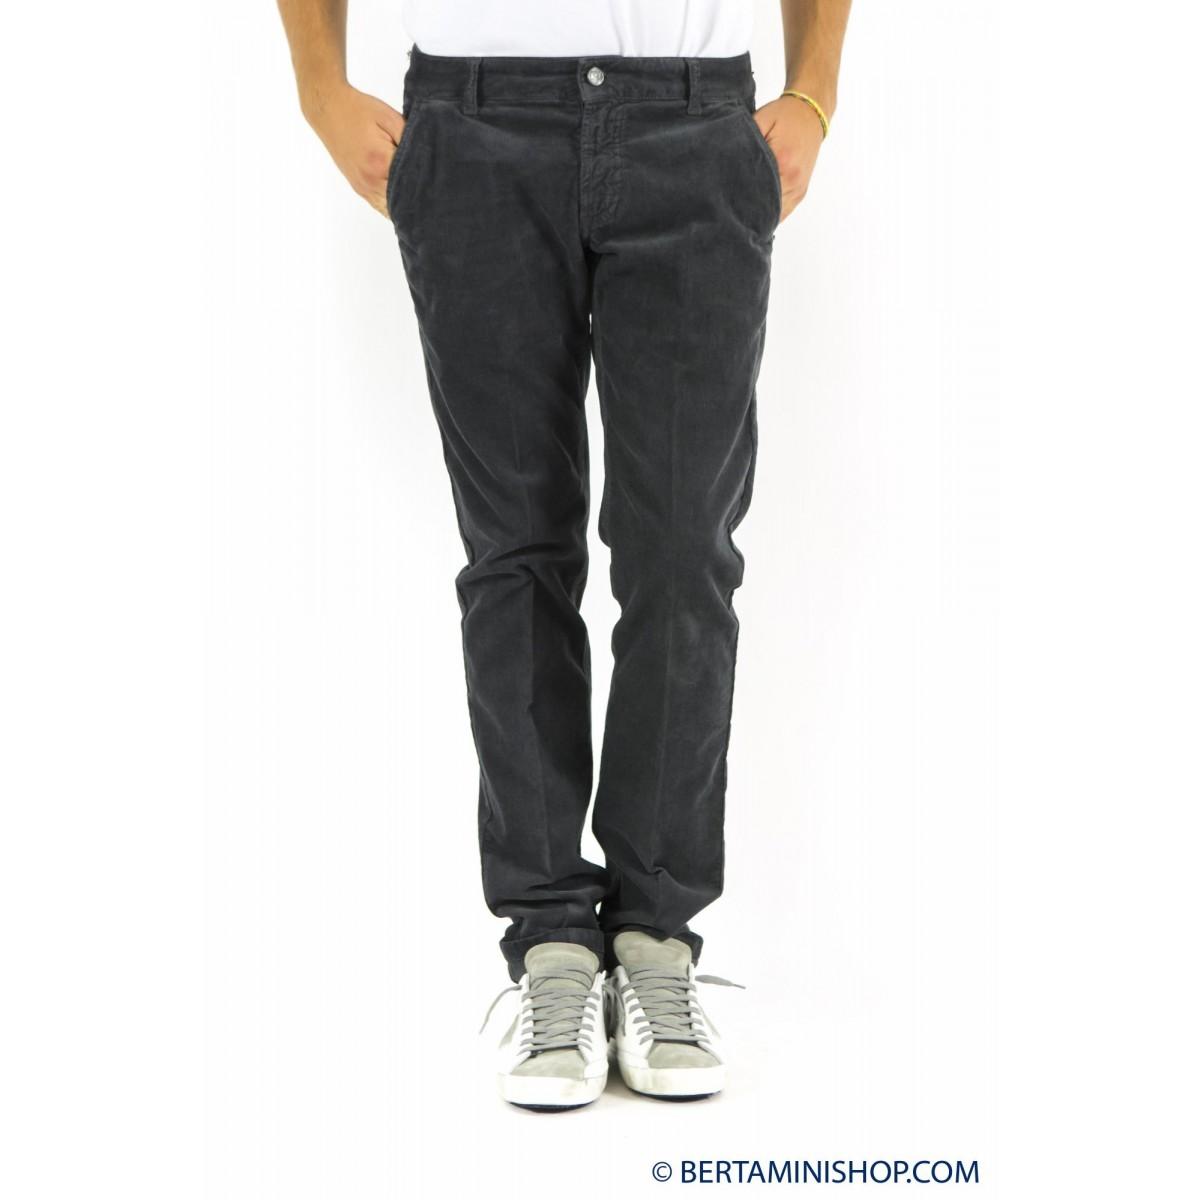 Pantalone uomo Entre amis - 8281 406l17 velluto strech 302 - Grigio